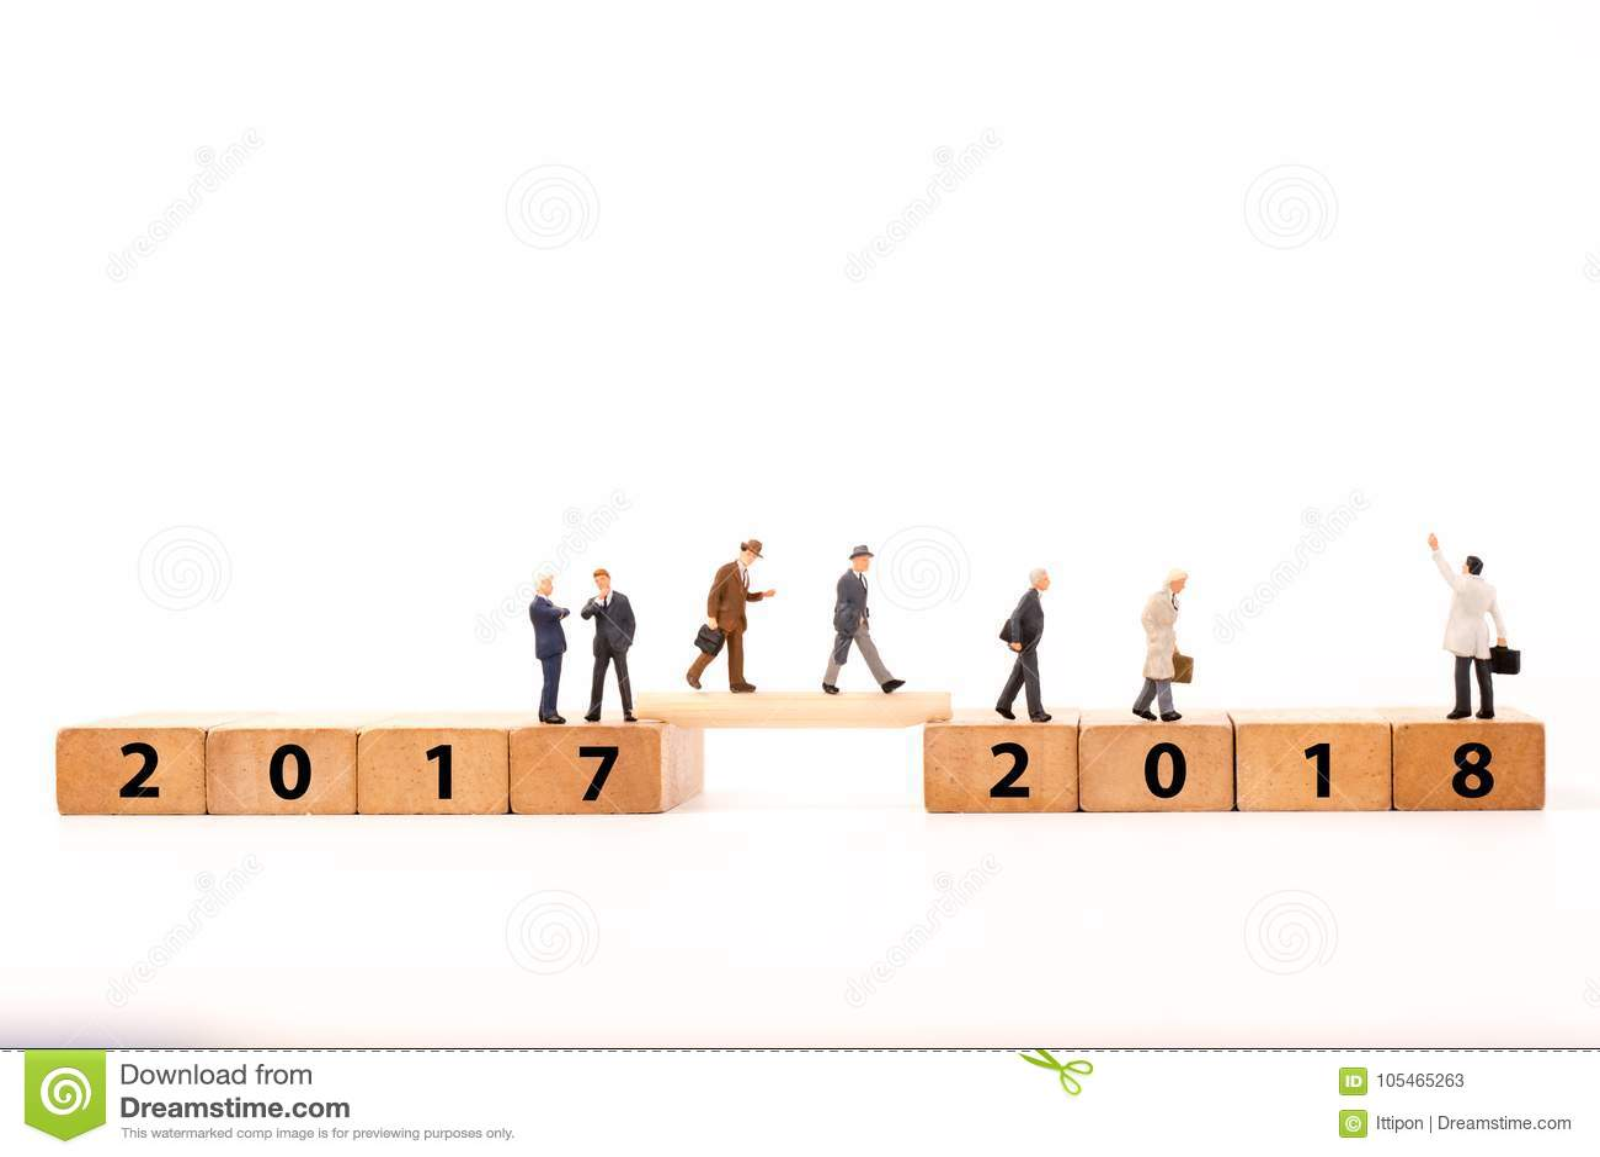 Figura miniatura uomo d affari che cammina sul blocchetto di legno di numero attraverso dal 2017 al 2018